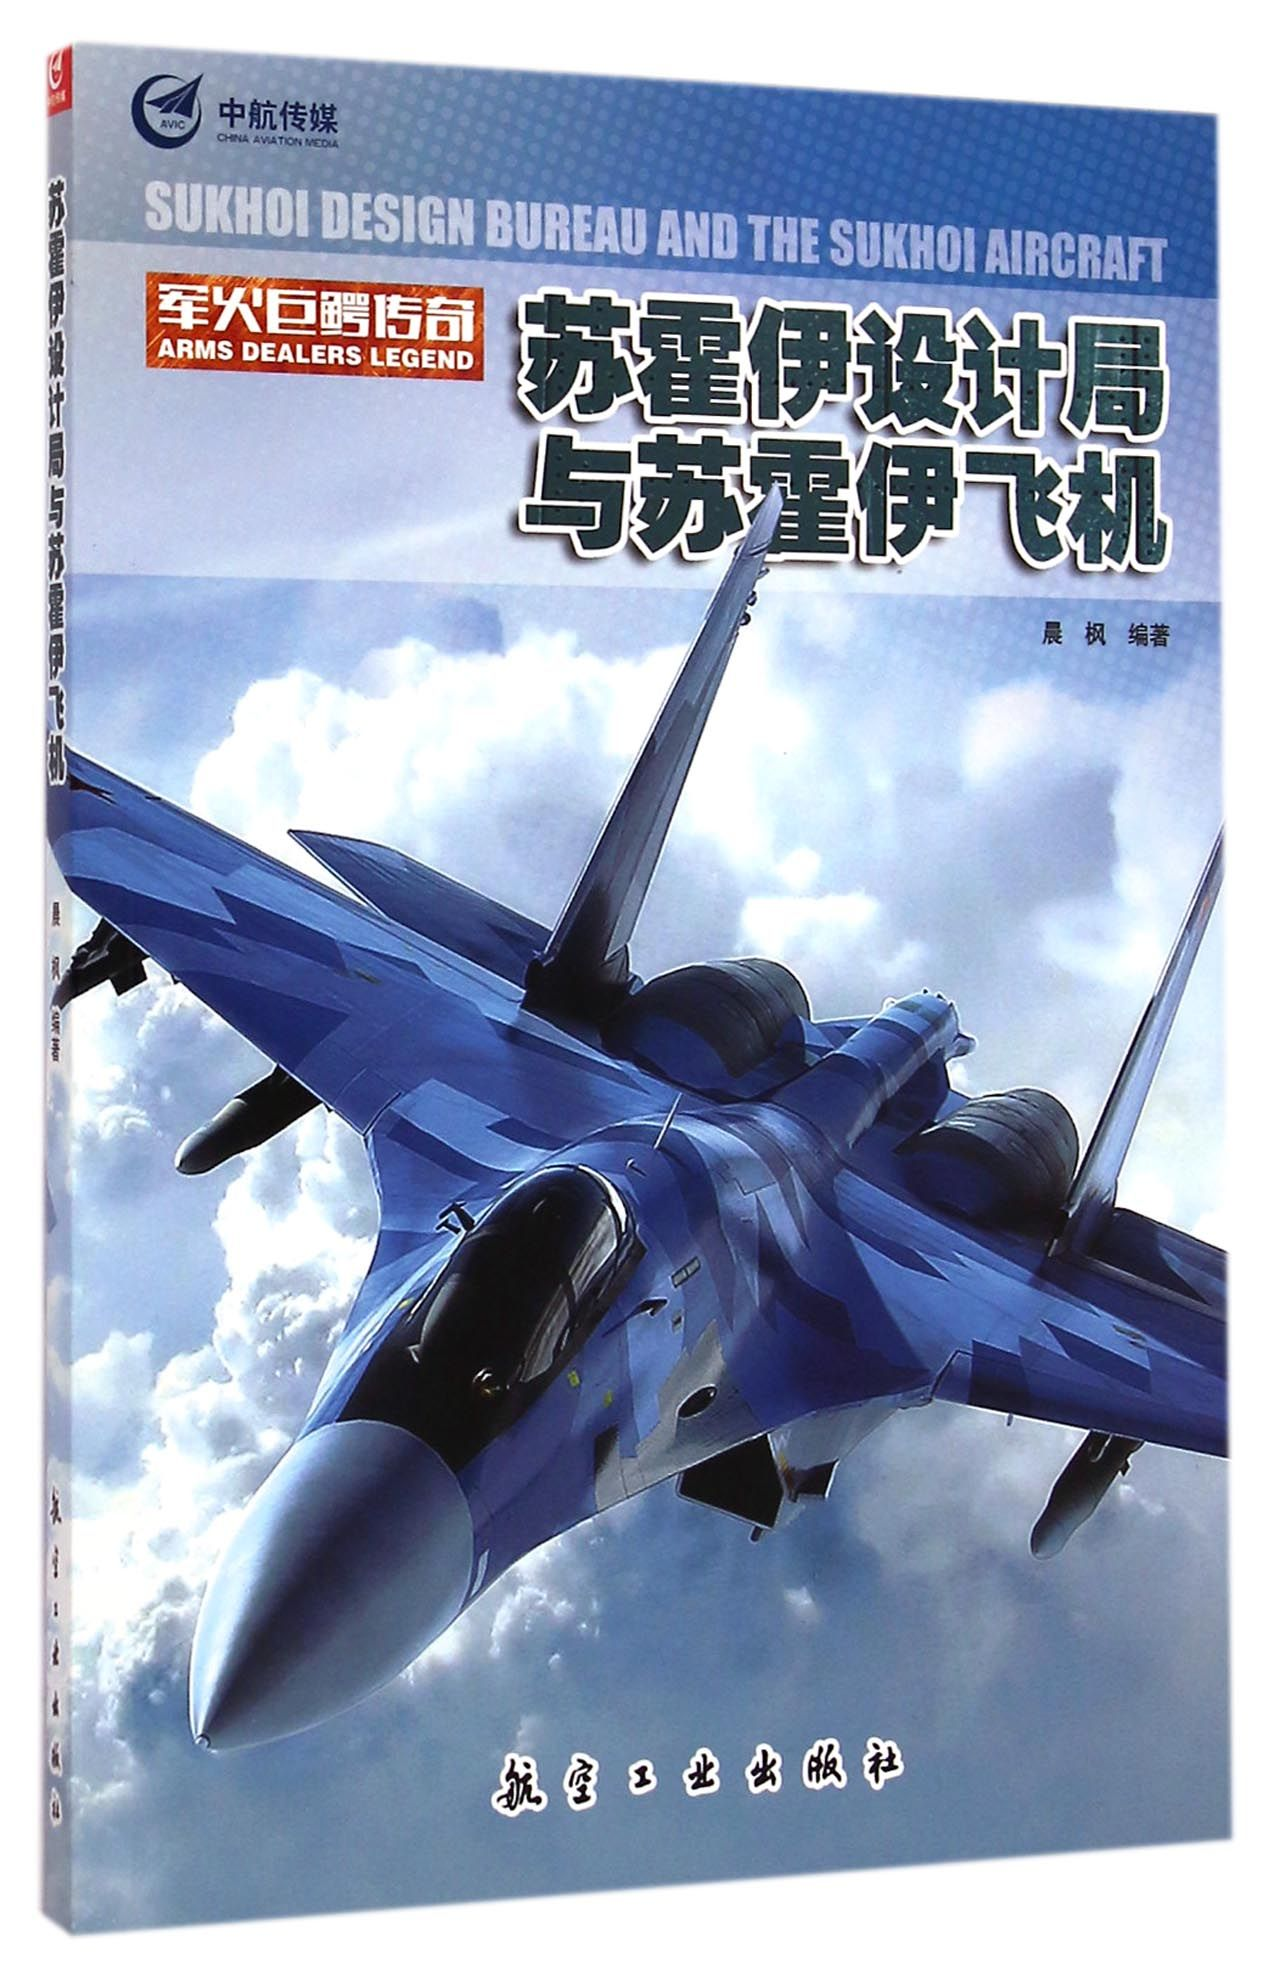 苏霍伊设计局与苏霍伊飞机(军火巨鳄传奇)